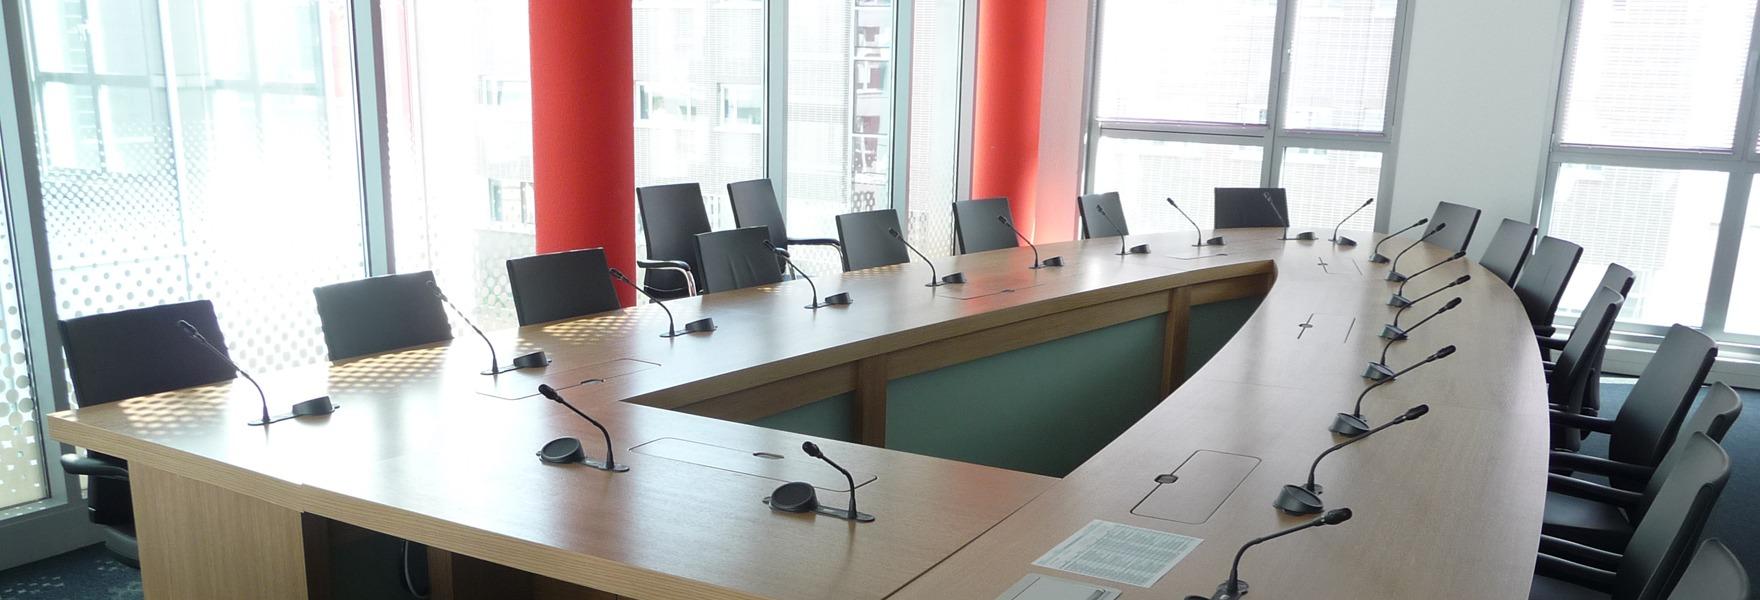 Agencement de tables de réunions